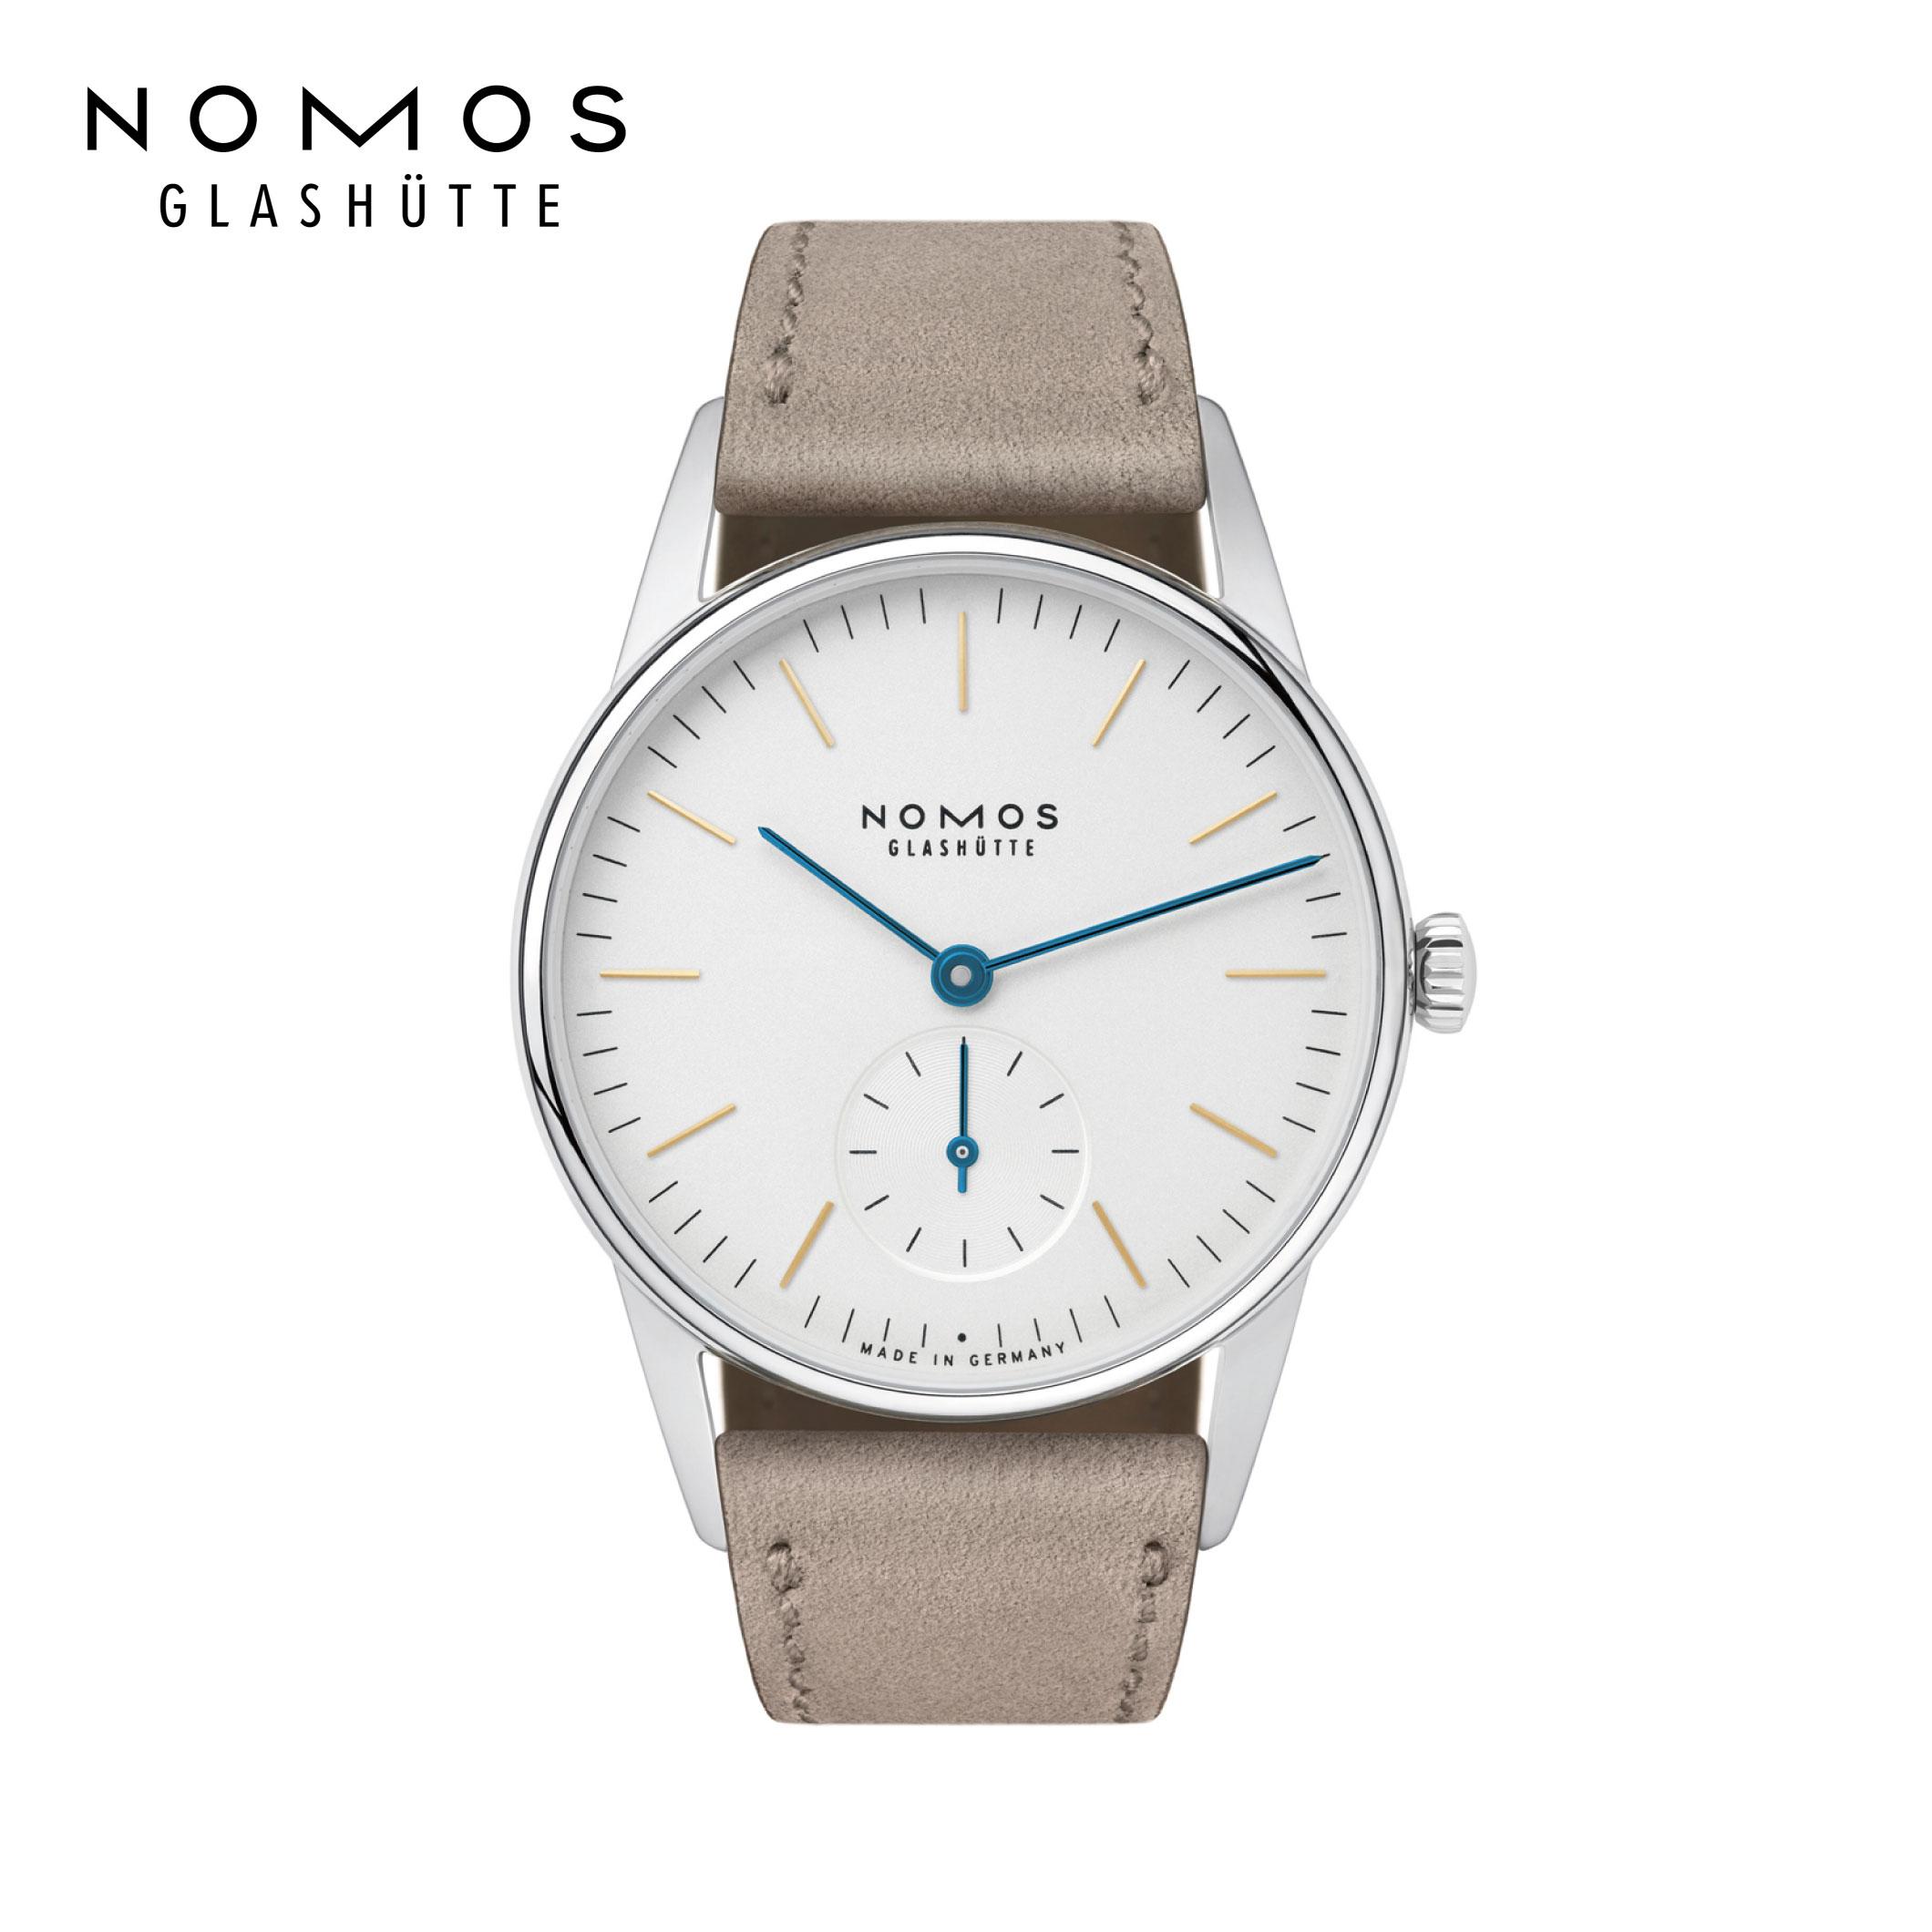 半額 ノモス 正規輸入元直販 送料無料 定番 OR1A3GW233 ノモスグラスヒュッテ オリオン33 NOMOS Glash 33mm Orion33 ドイツ製 中古 手巻き 機械式腕時計 tte